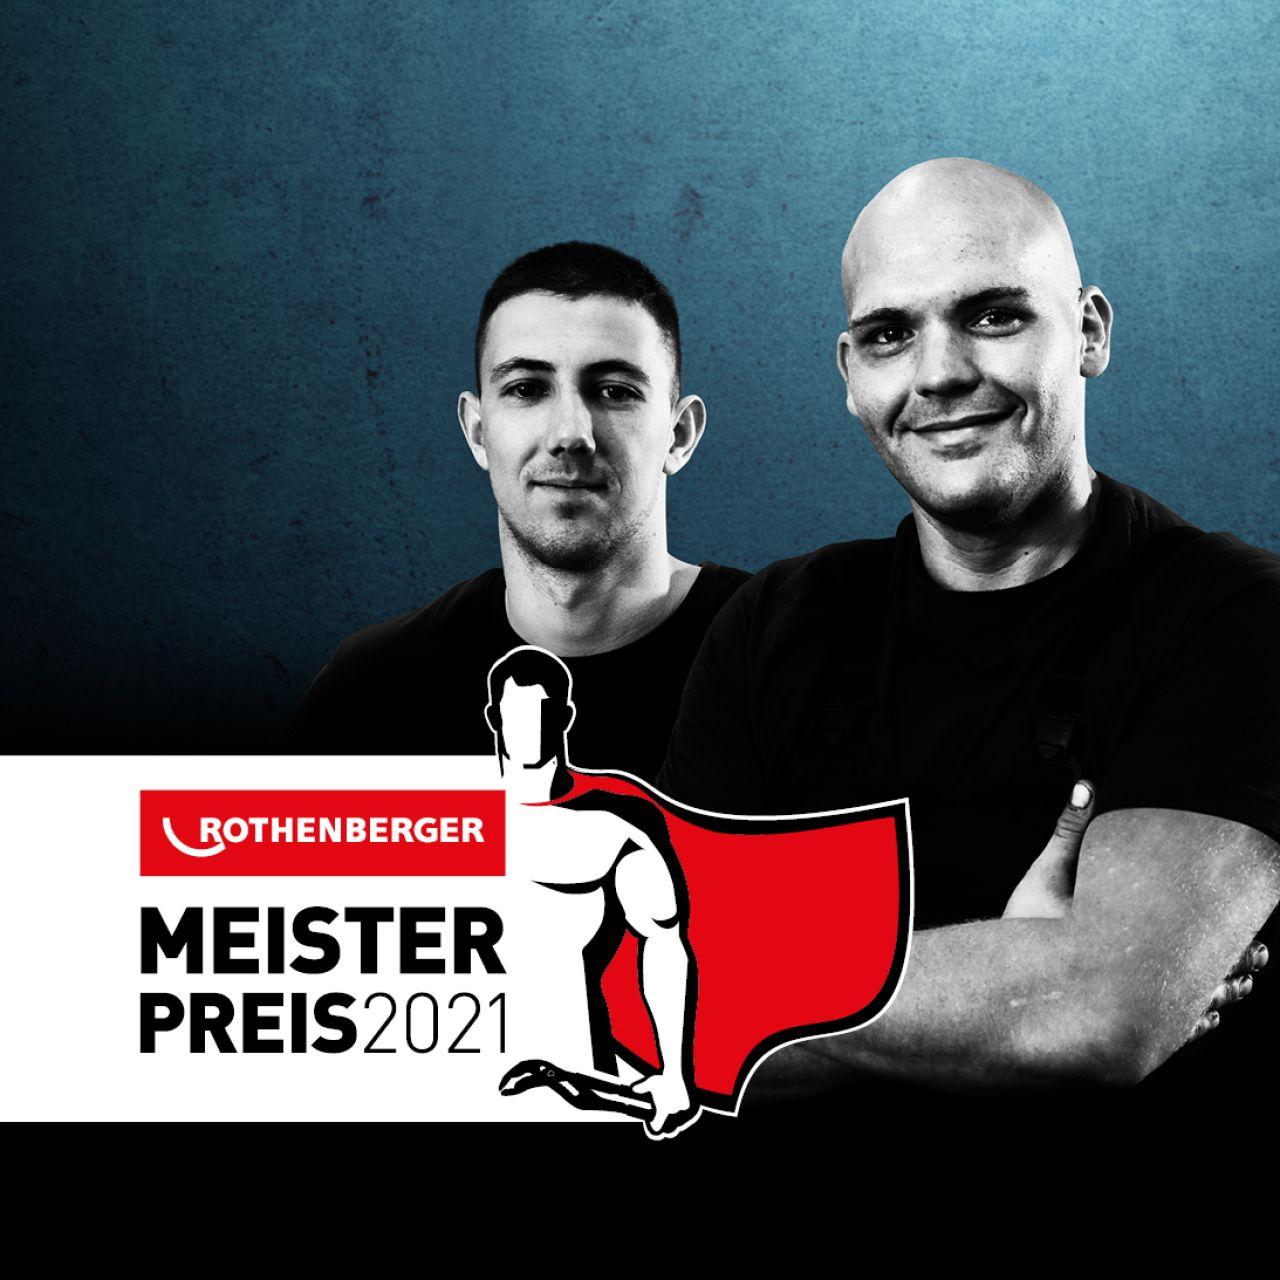 Rothenberger Meisterpreis 2021: Jetzt bewerben!